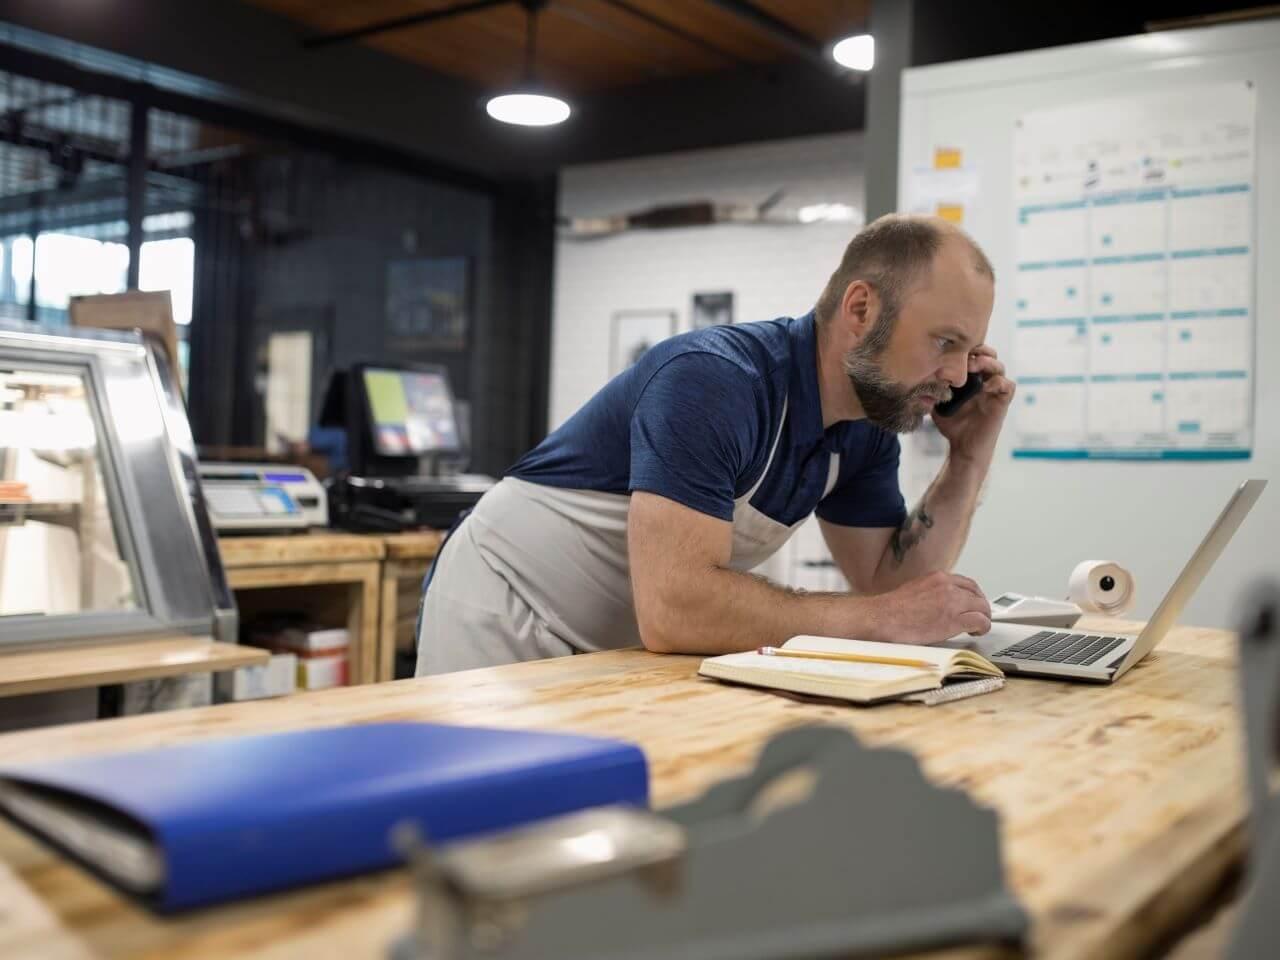 Мелкий бизнес начал менять бухгалтеров на аутсорсеров